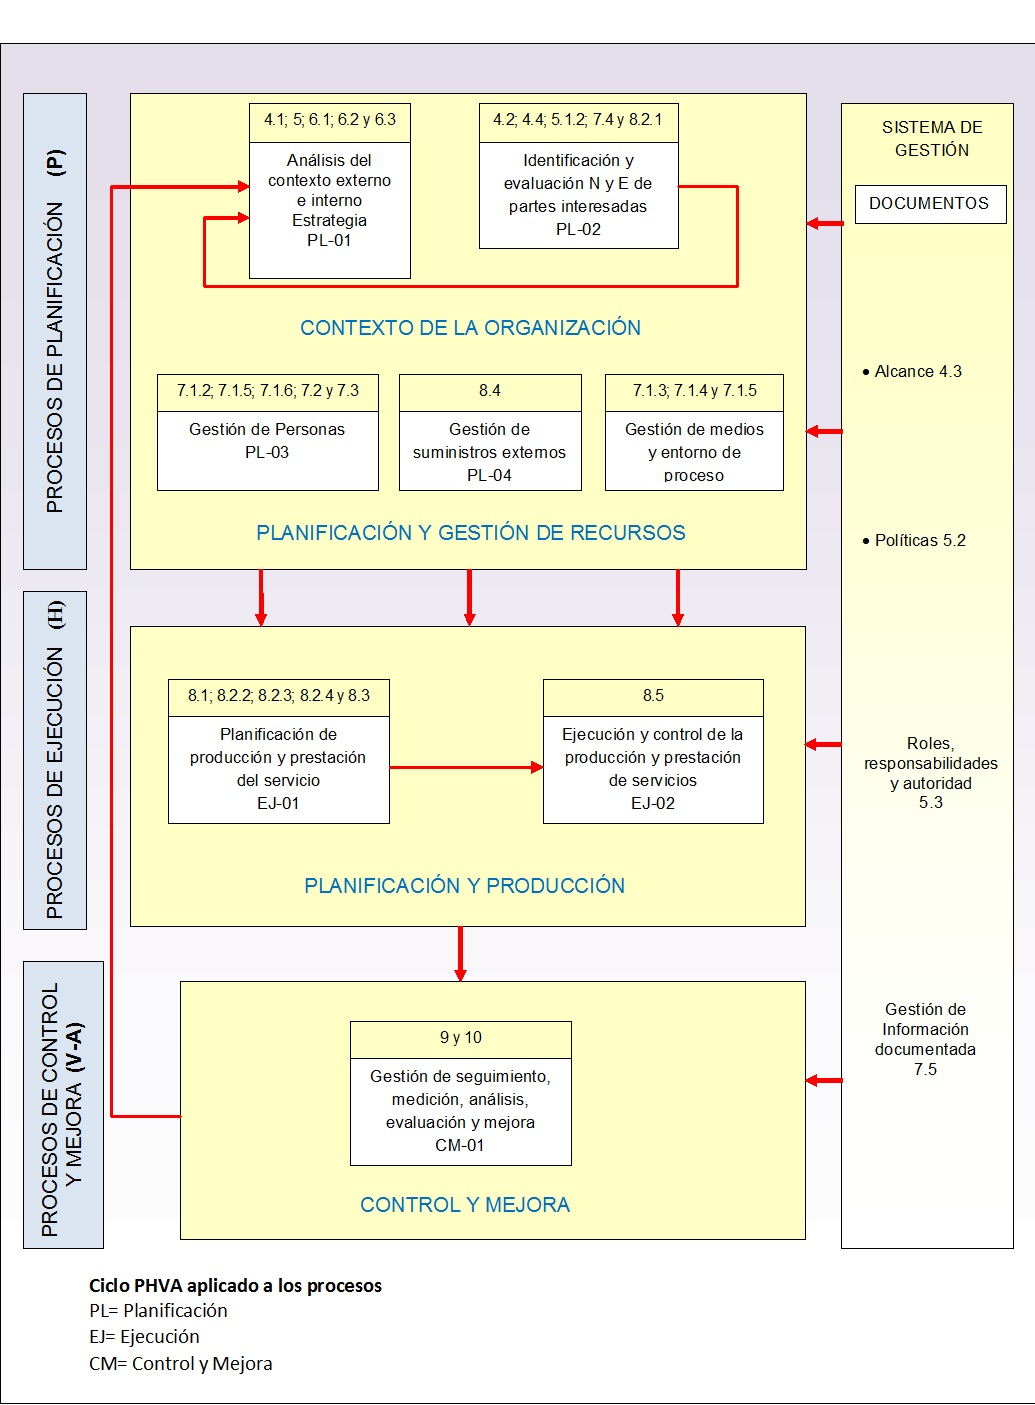 ISO 9001:2015 diseño innovador del sistema de gestión de calidad ...